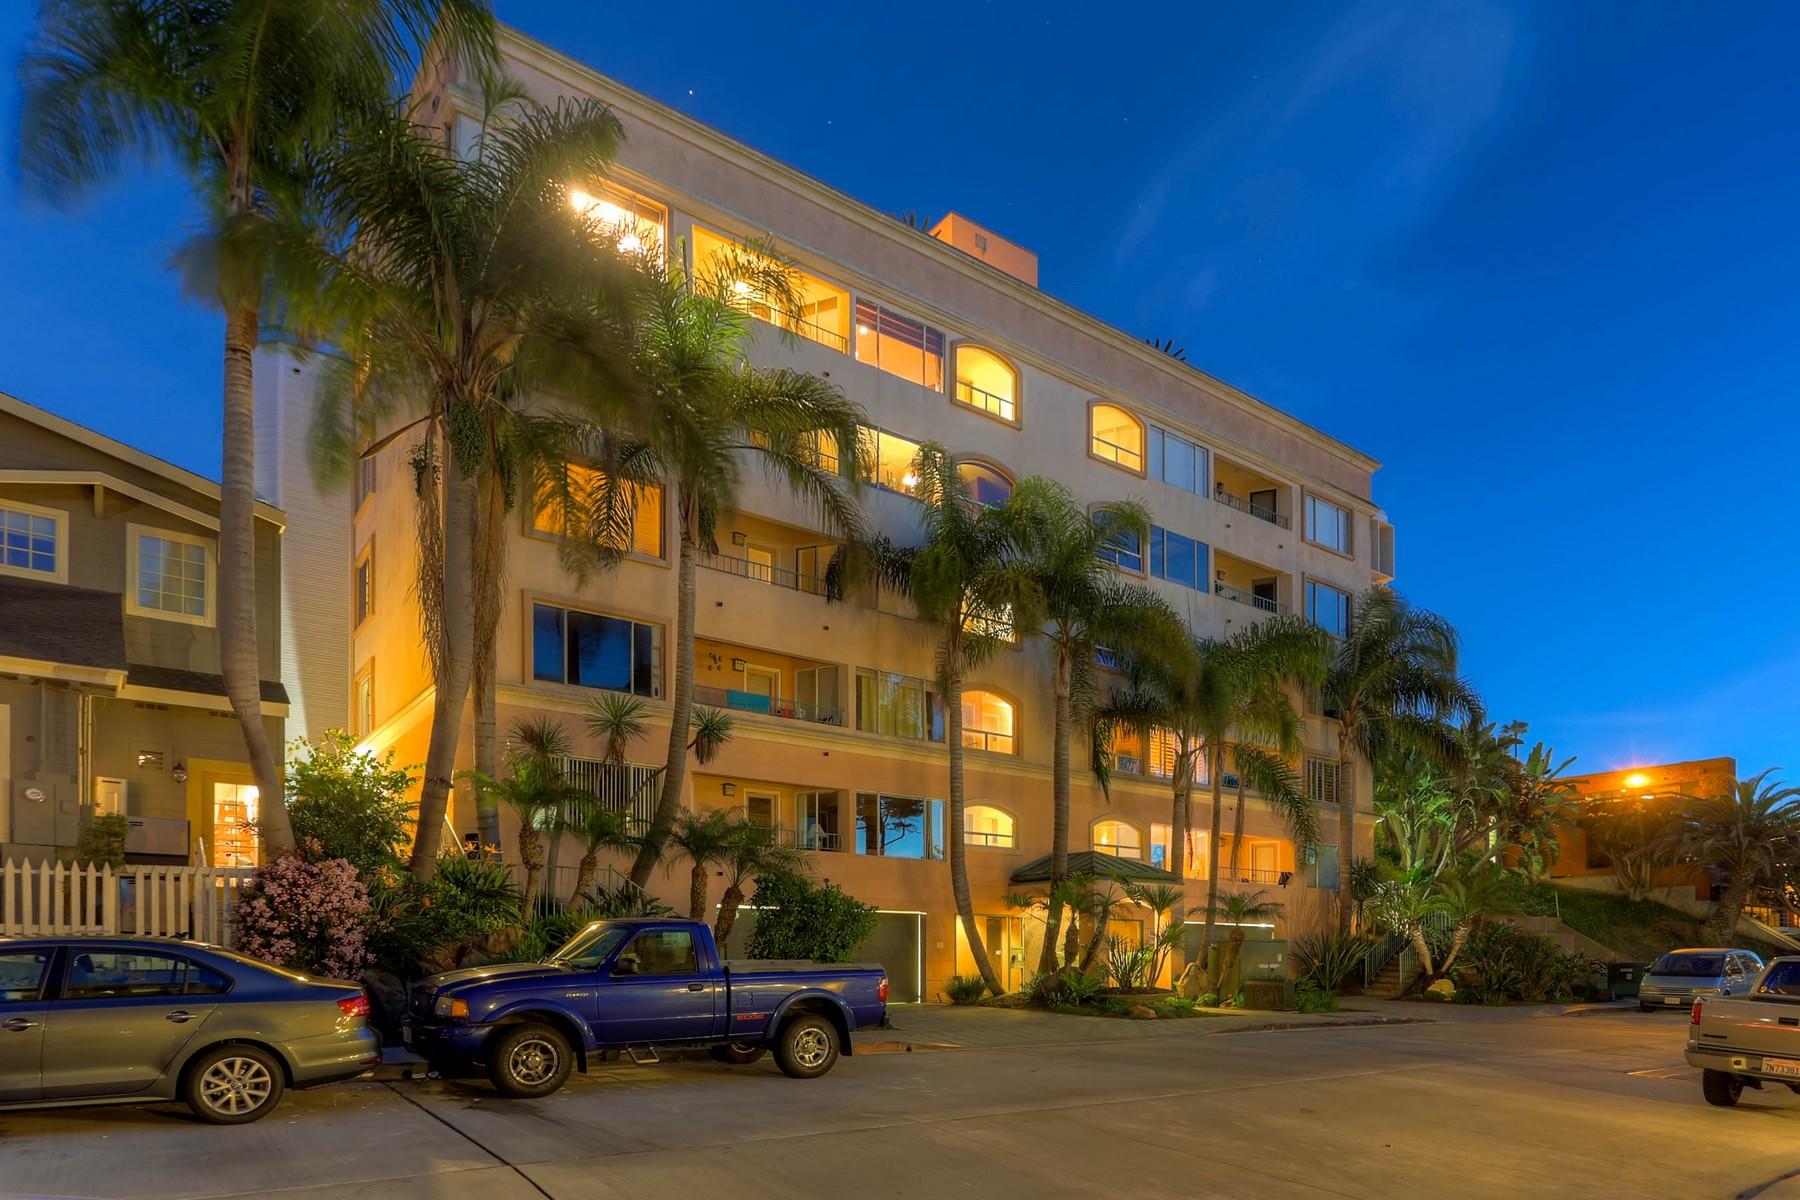 Condominium for Sale at 1039 Coast Blvd S 1039 Coast Blvd S 5A La Jolla, California 92037 United States